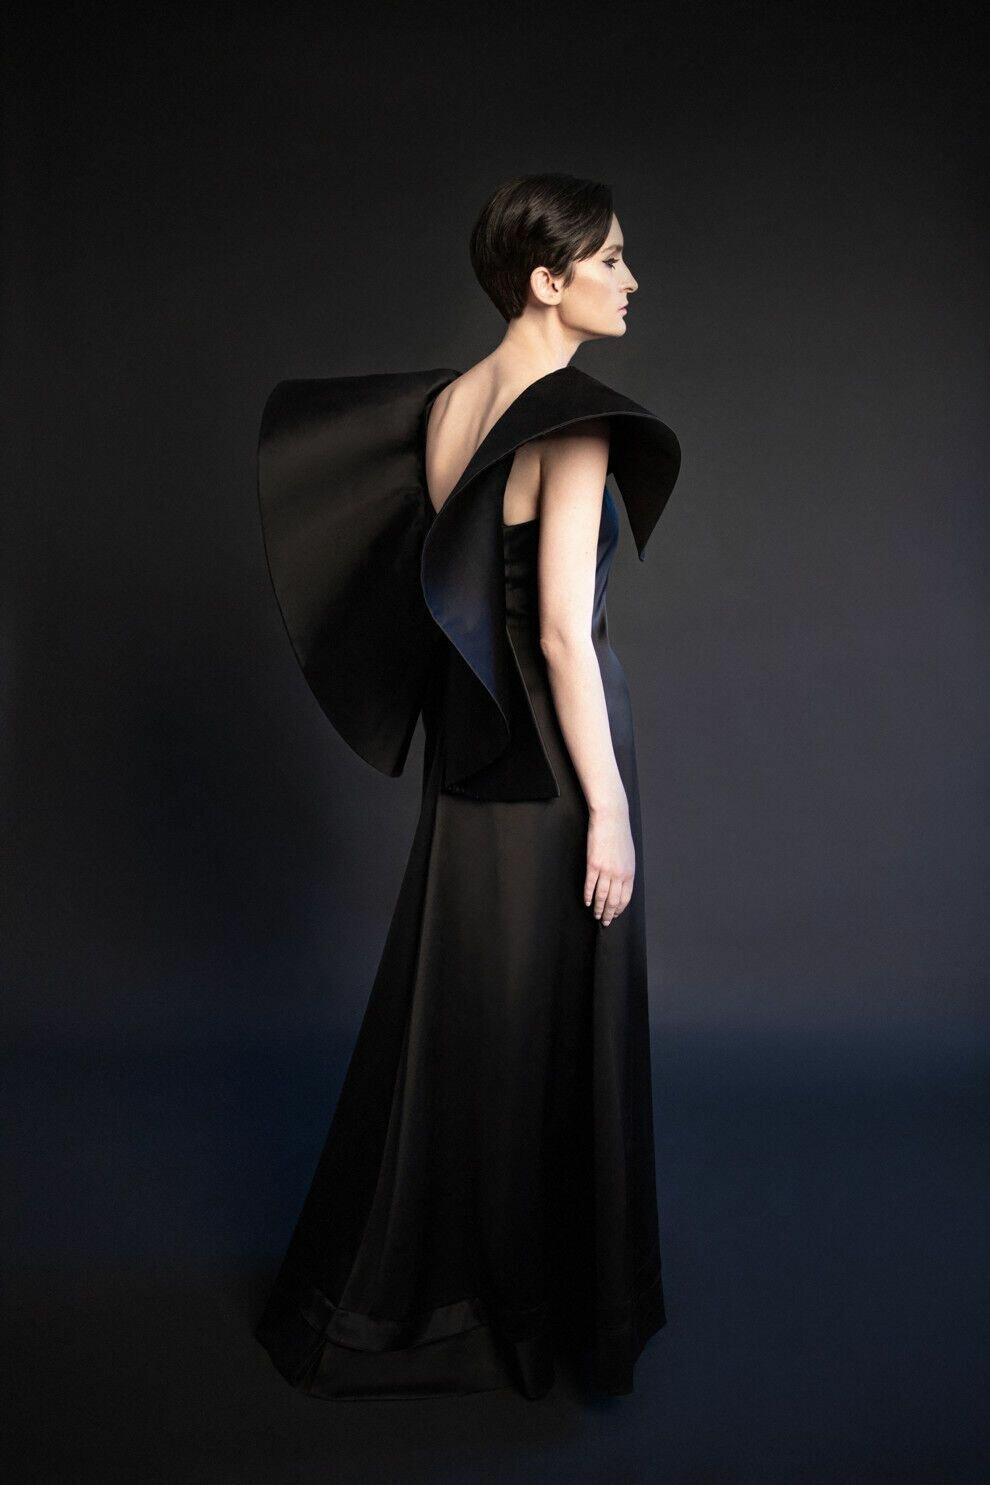 Павленко позировала в длинном платье с объемными рукавами